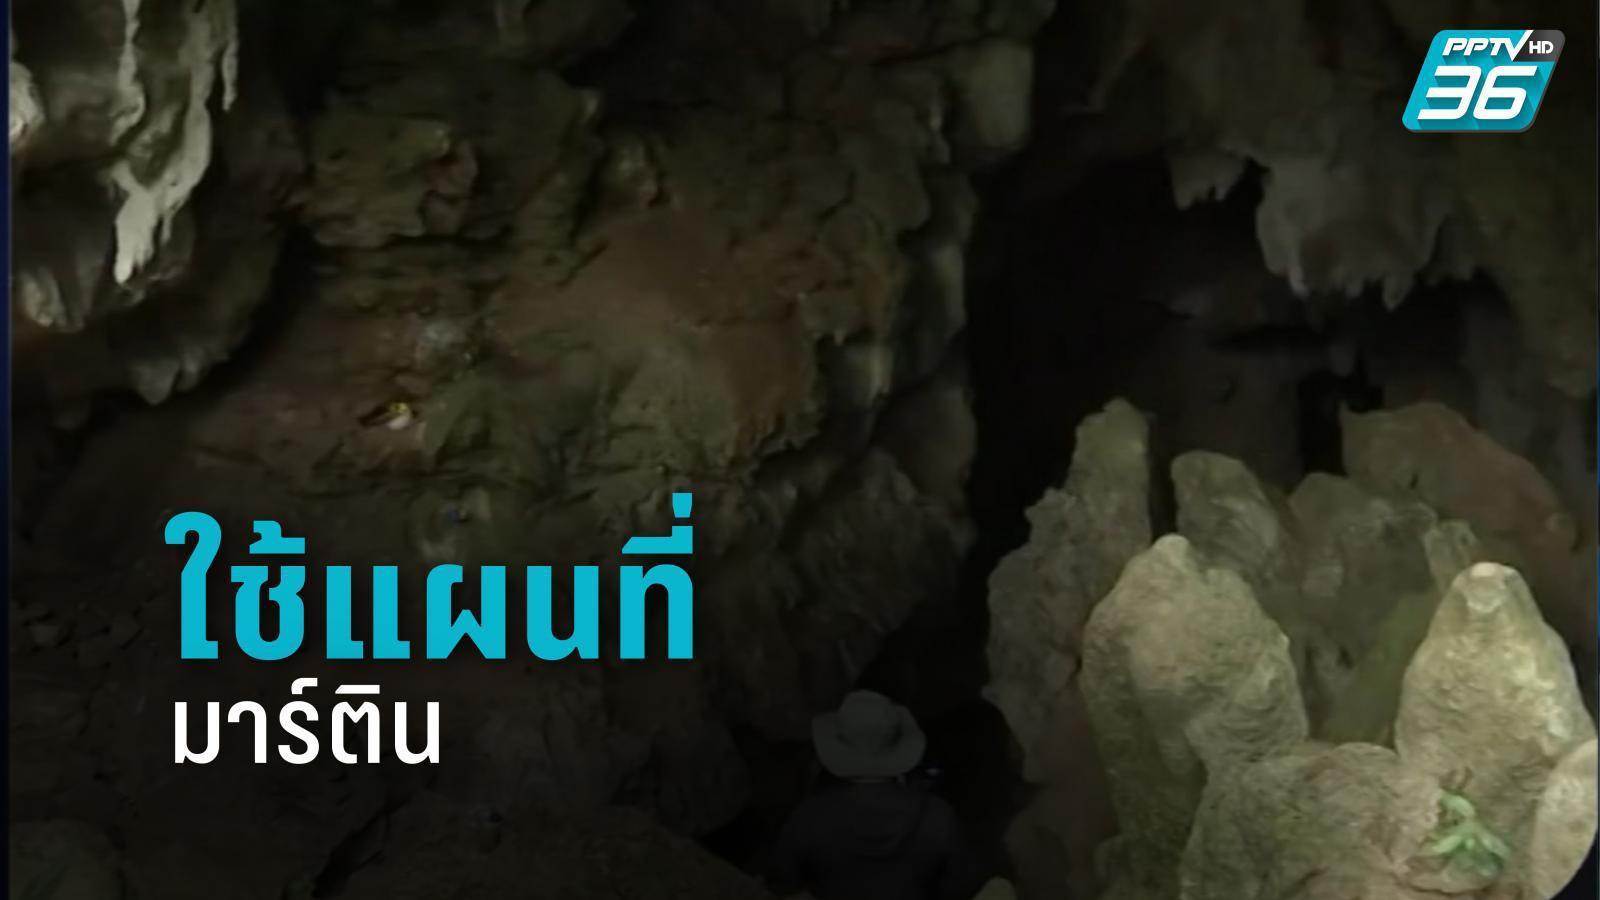 เผยปฏิบัติการช่วยพระติดถ้ำใช้แผนที่มาร์ติน